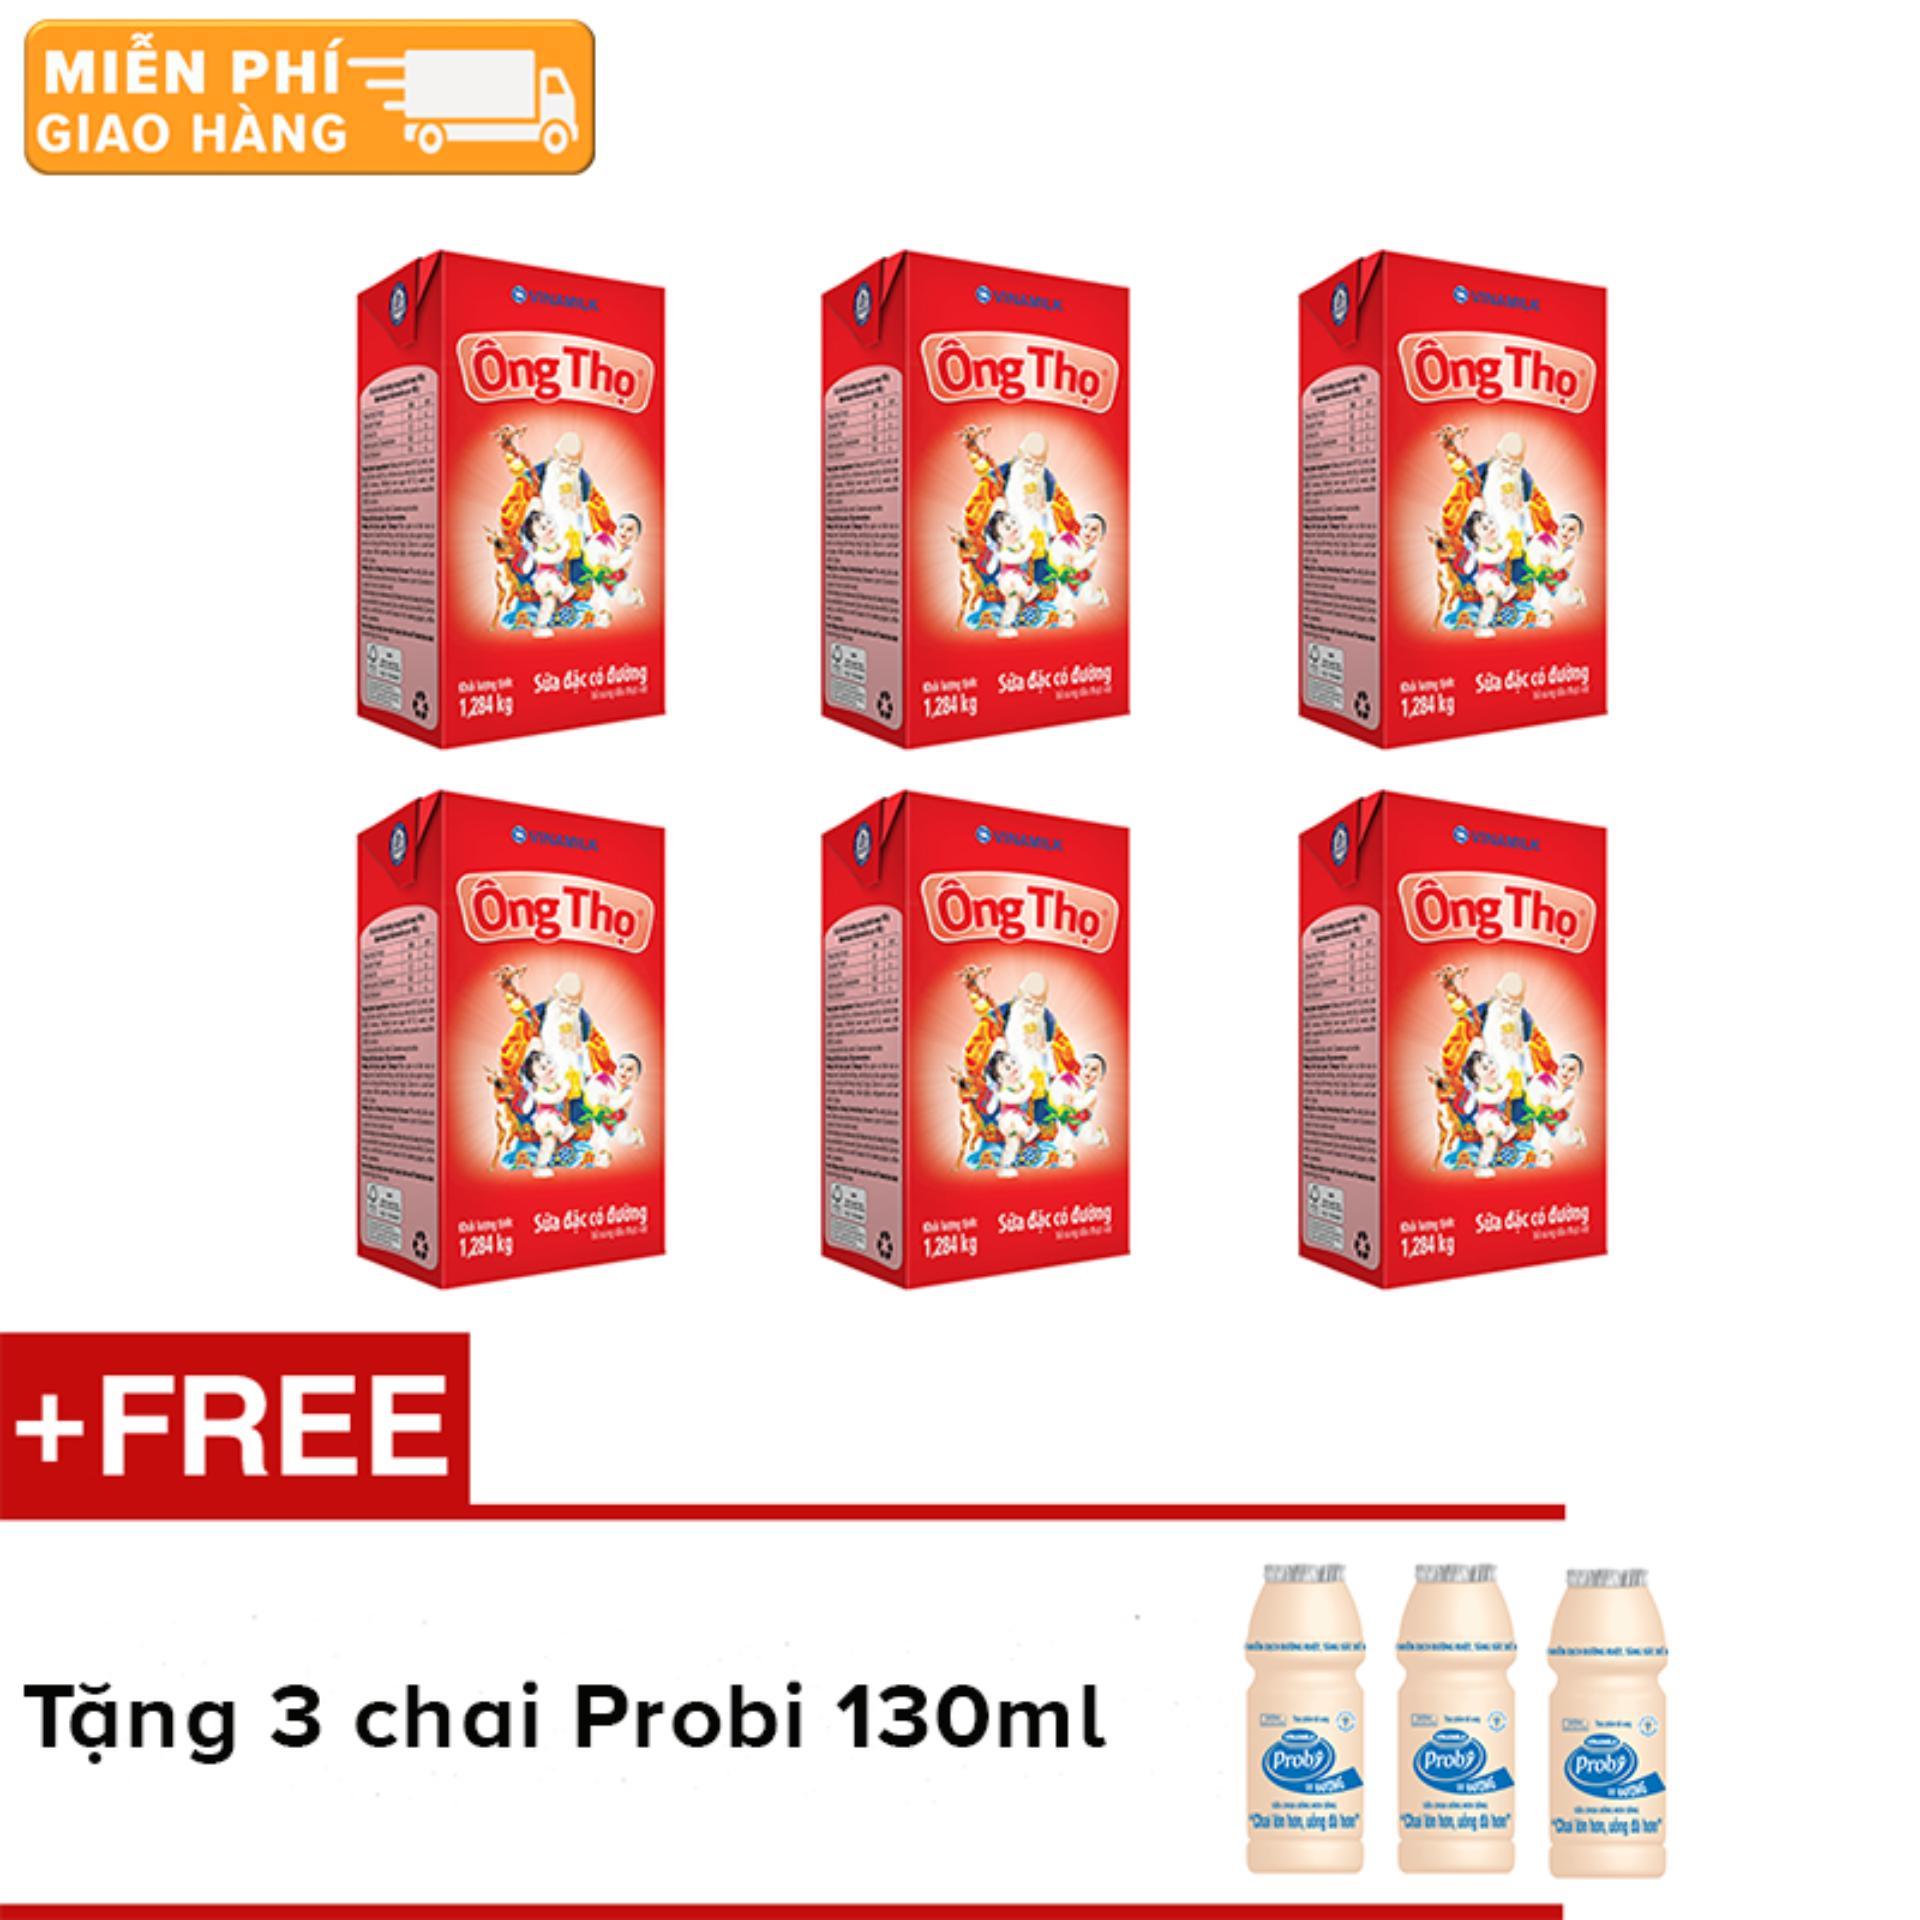 Bộ 6 hộp sữa đặc Ông Thọ đỏ - hộp giấy 1284g + Tặng 3 chai sữa chua uống Probi 130ml